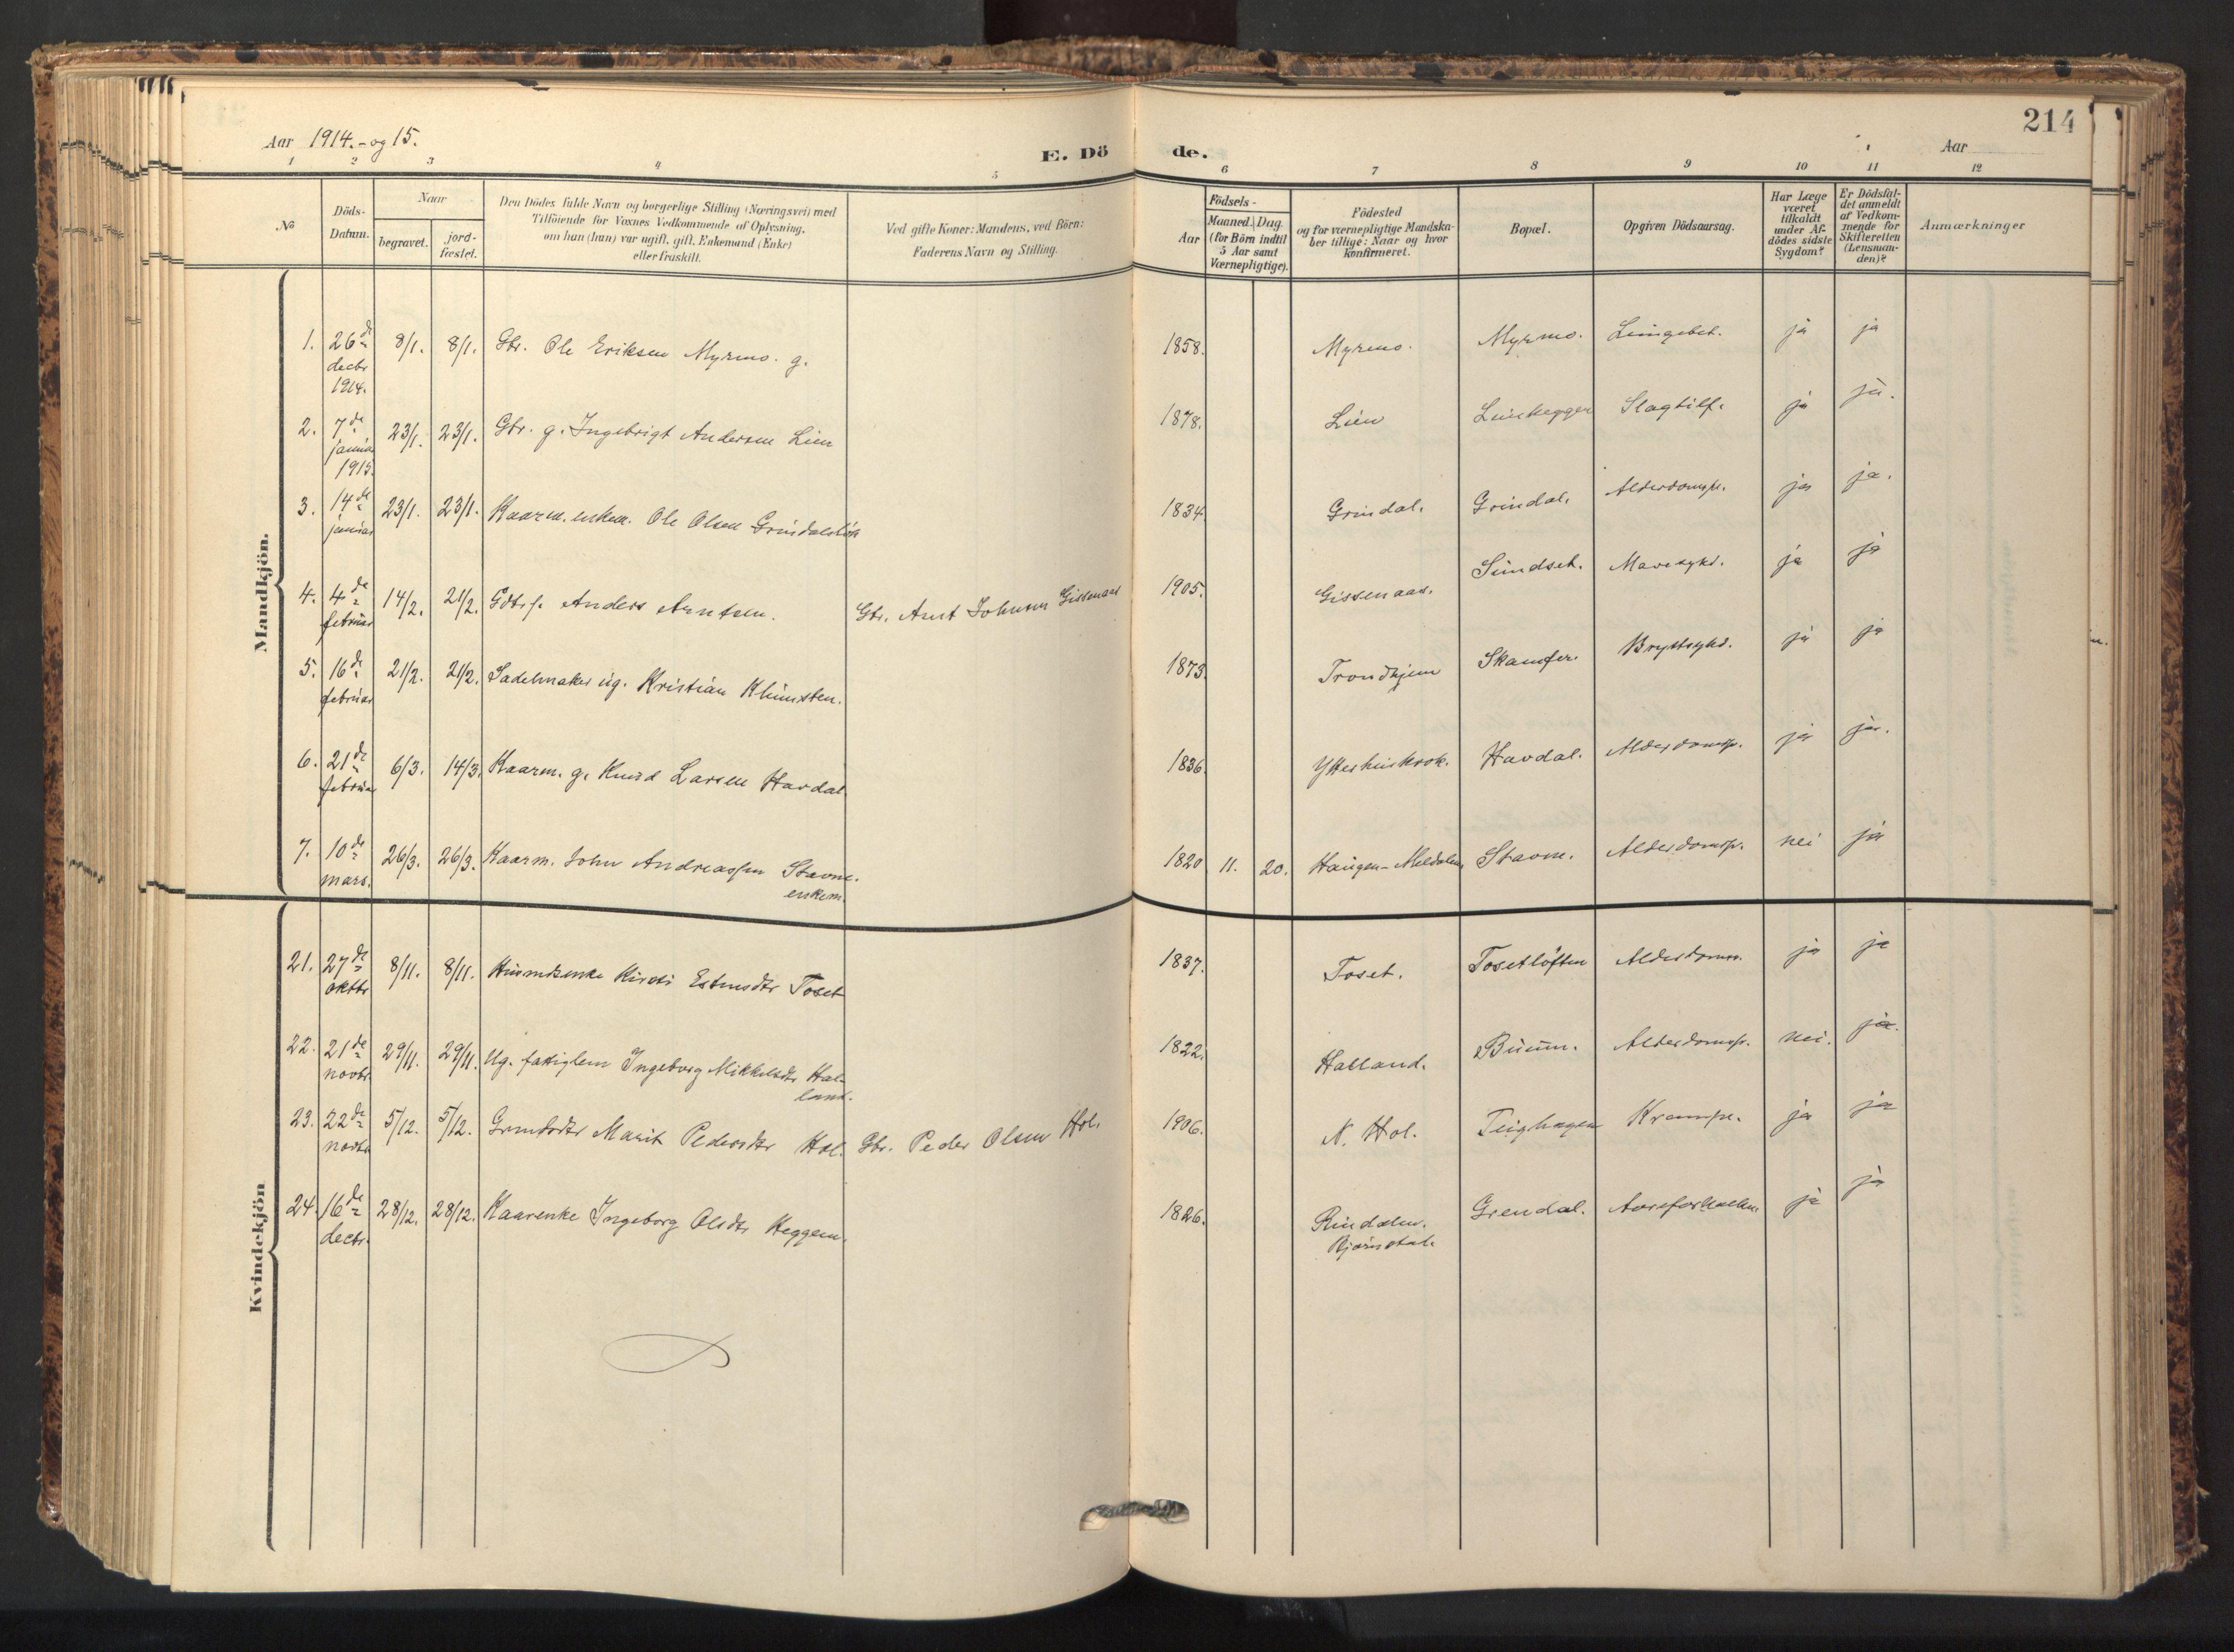 SAT, Ministerialprotokoller, klokkerbøker og fødselsregistre - Sør-Trøndelag, 674/L0873: Ministerialbok nr. 674A05, 1908-1923, s. 214